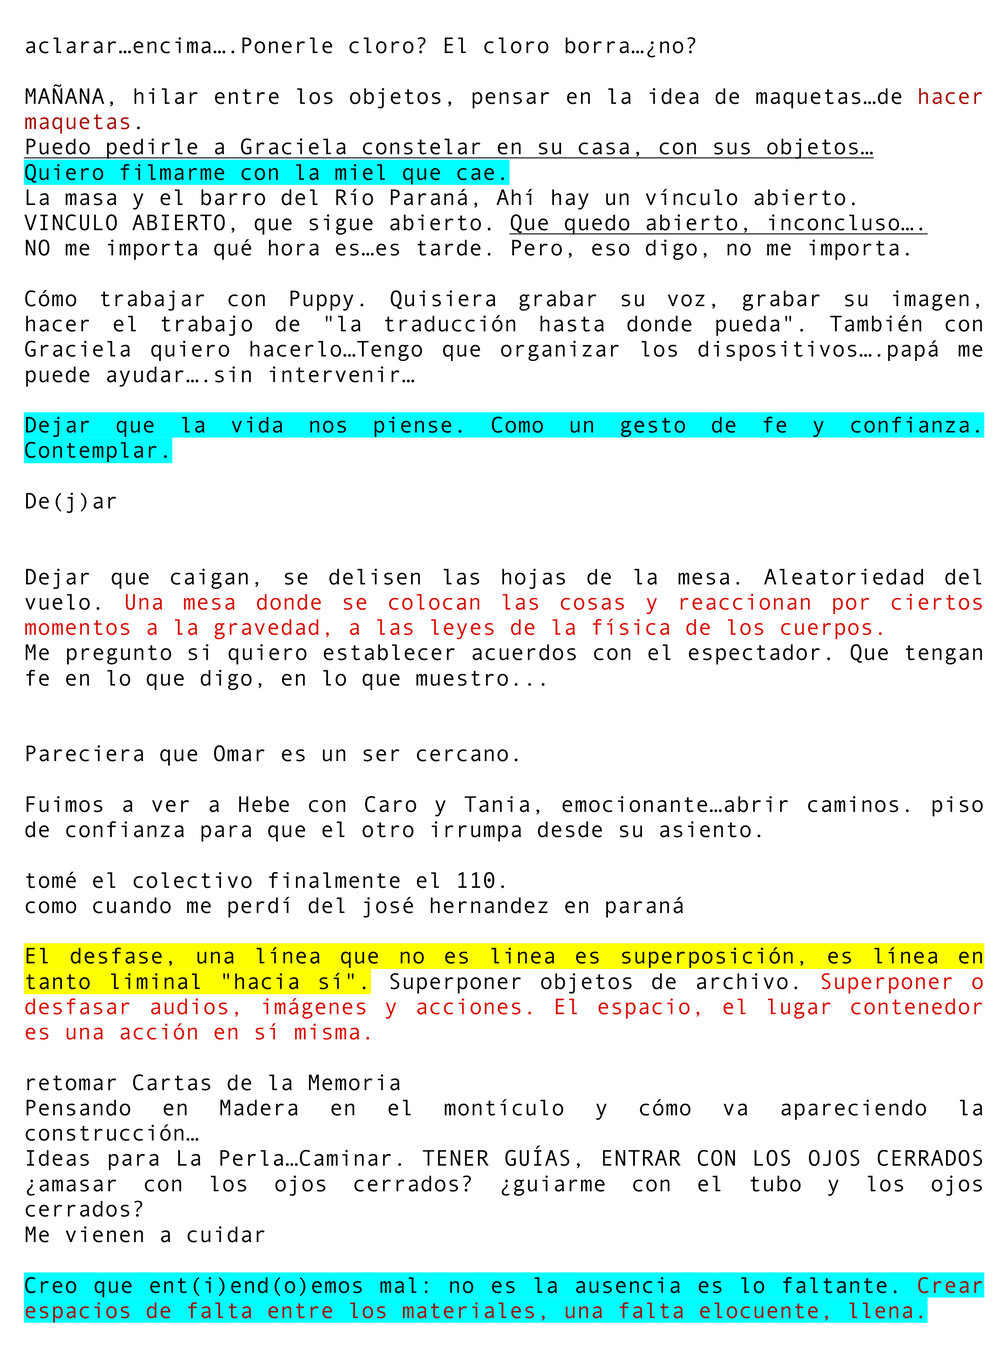 DIARIO_ARGENTINA-2.jpg